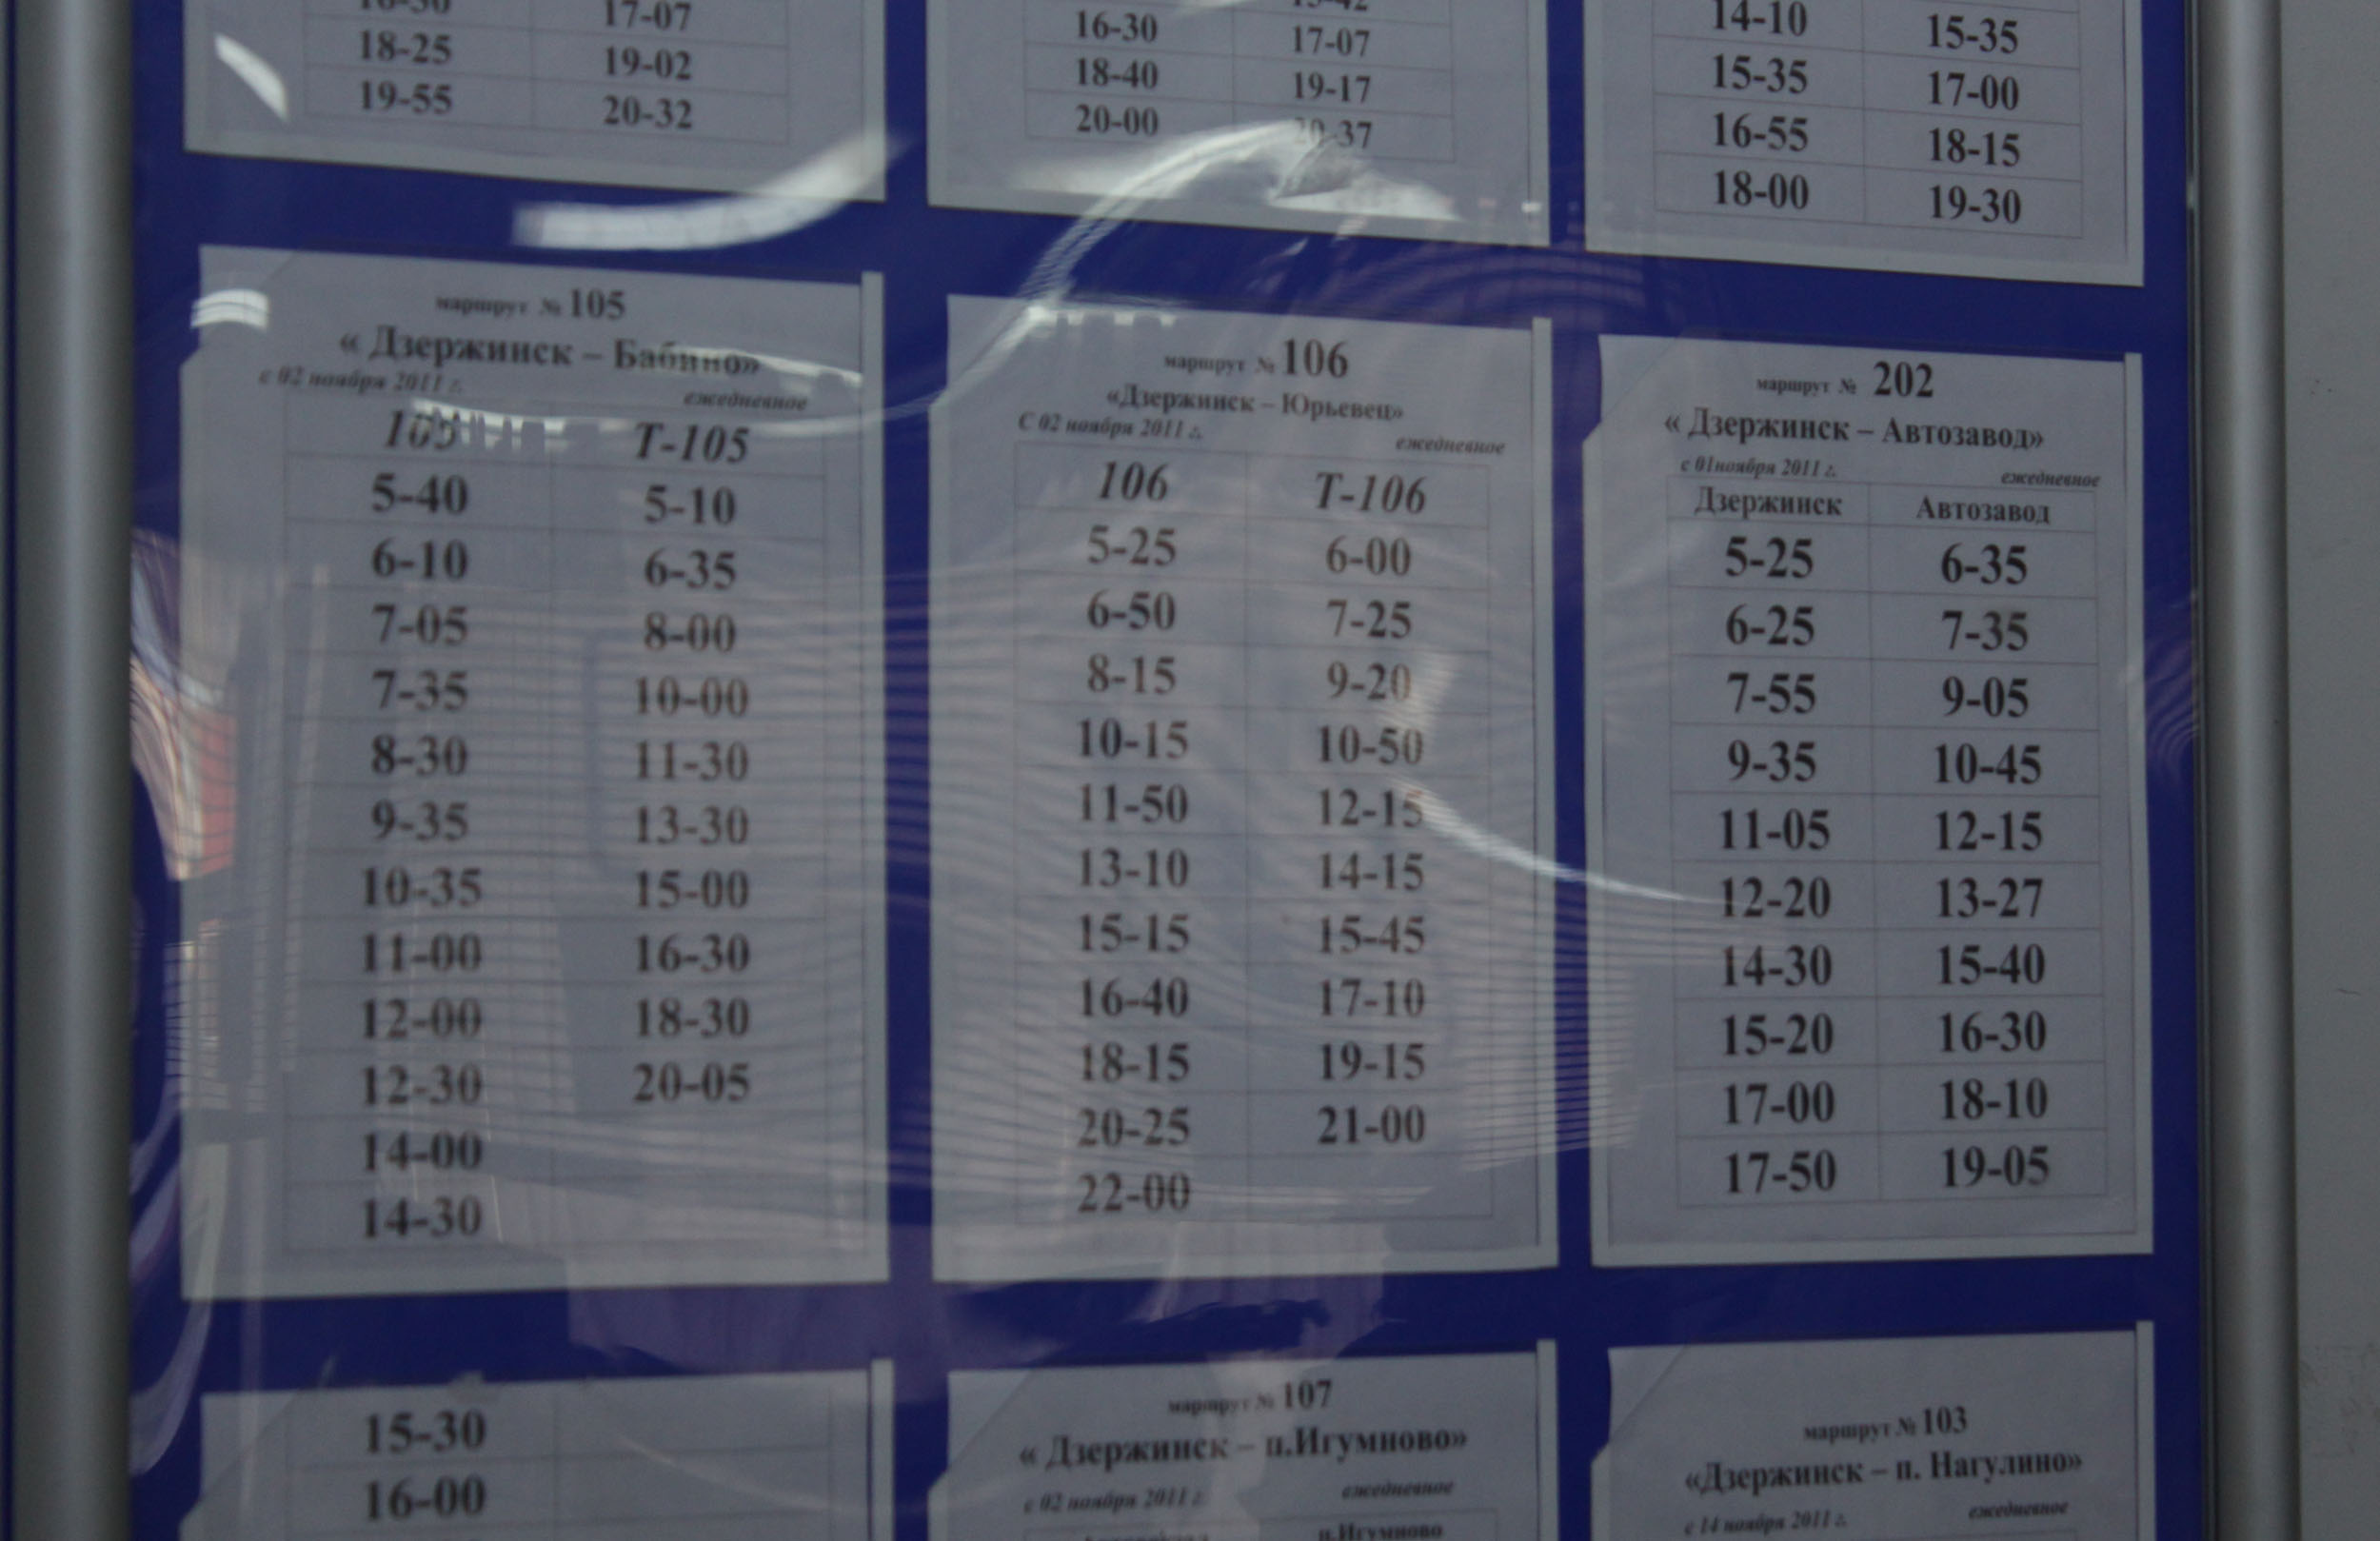 подойдет простая расписание автобуса красноярск джержинское зимней